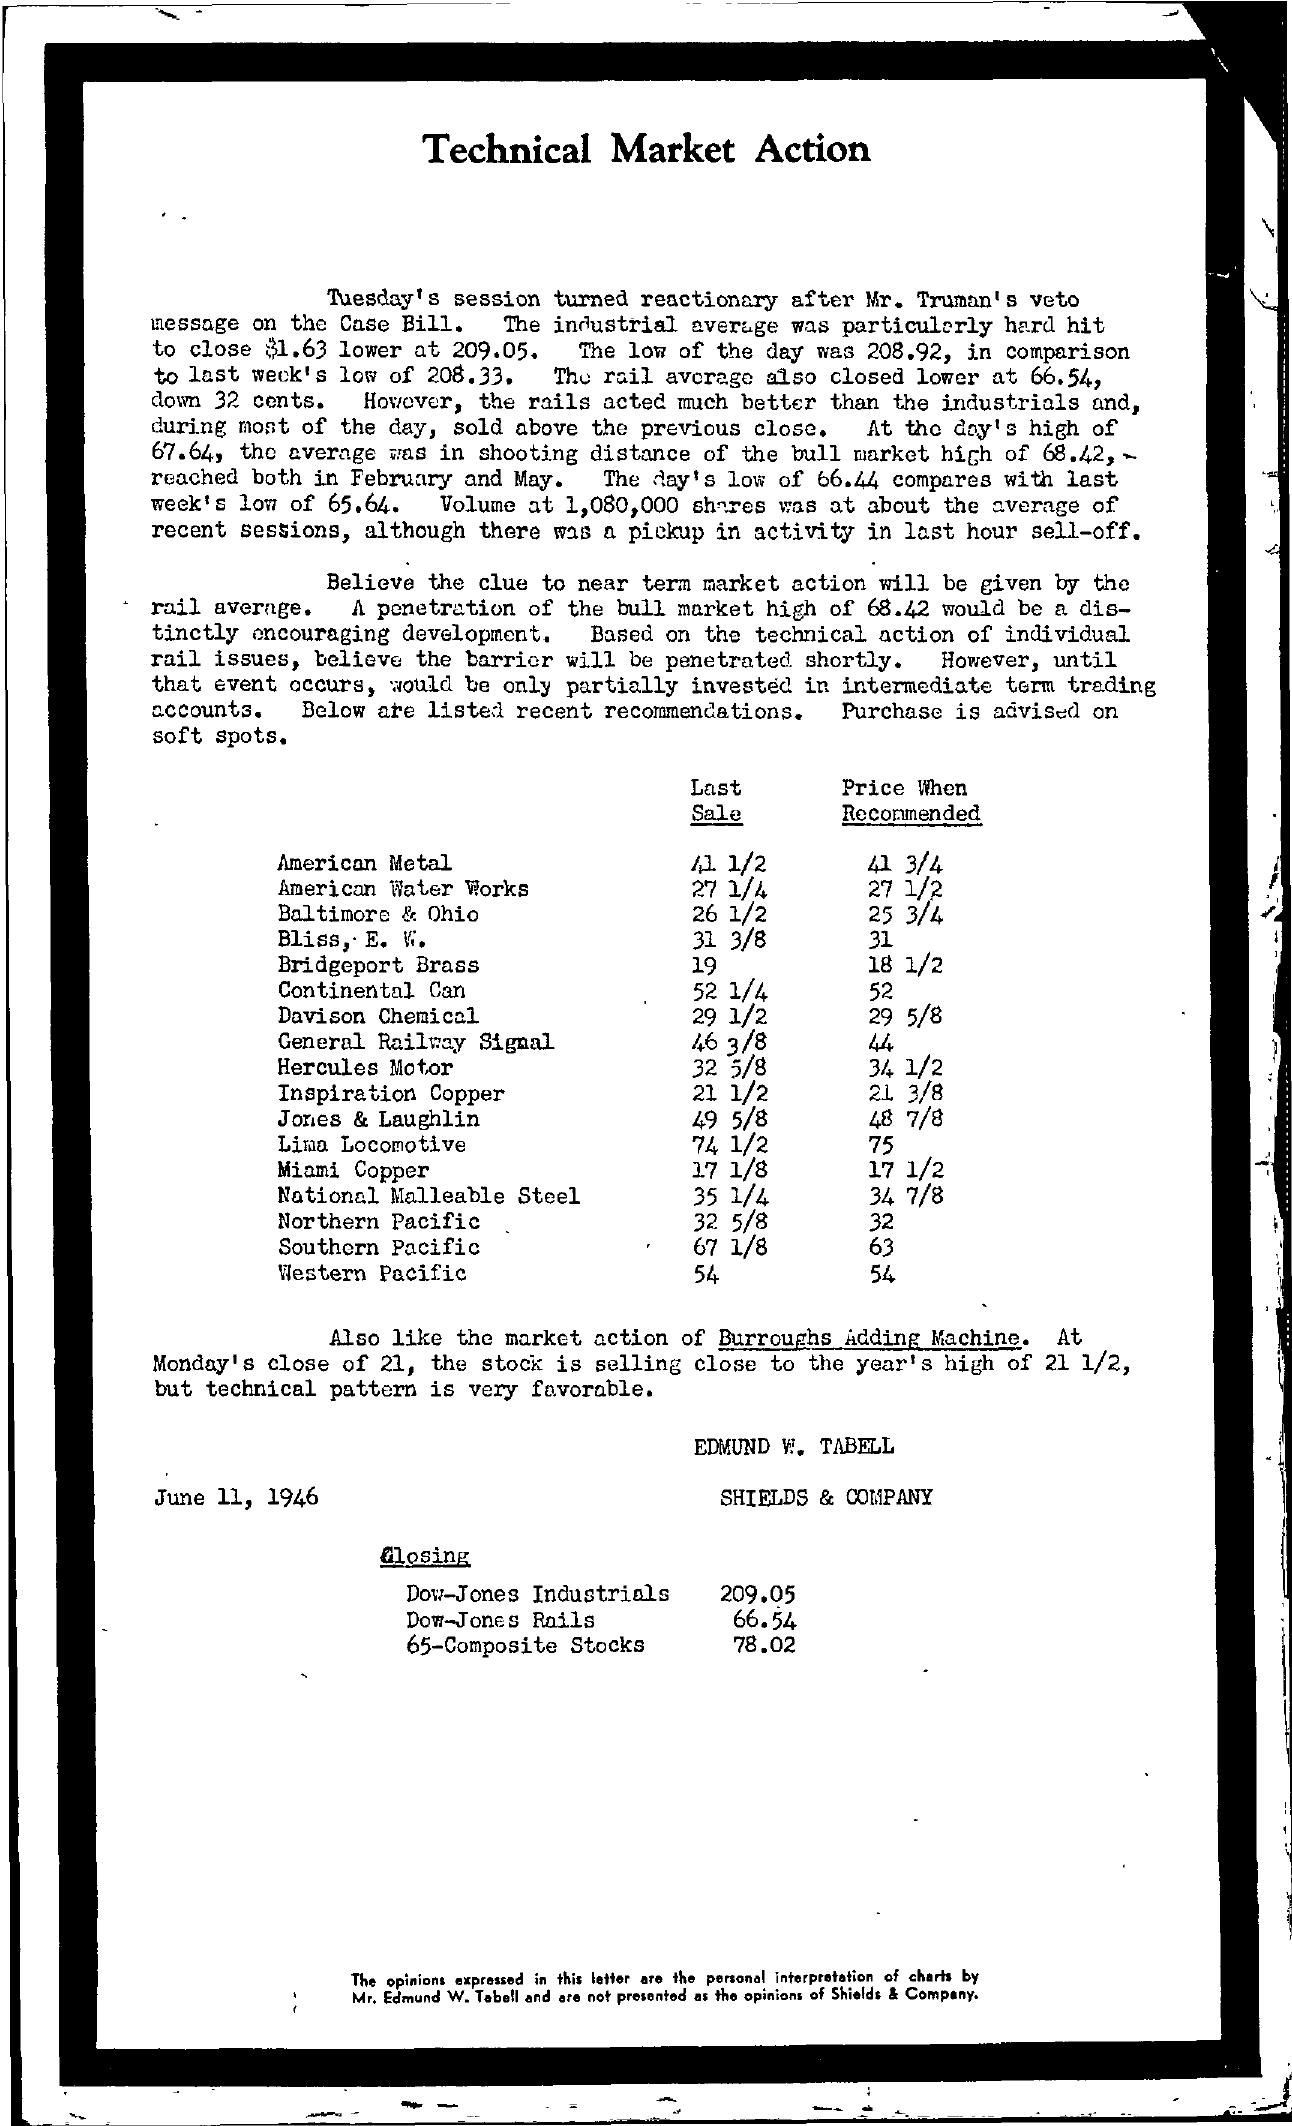 Tabell's Market Letter - June 11, 1946